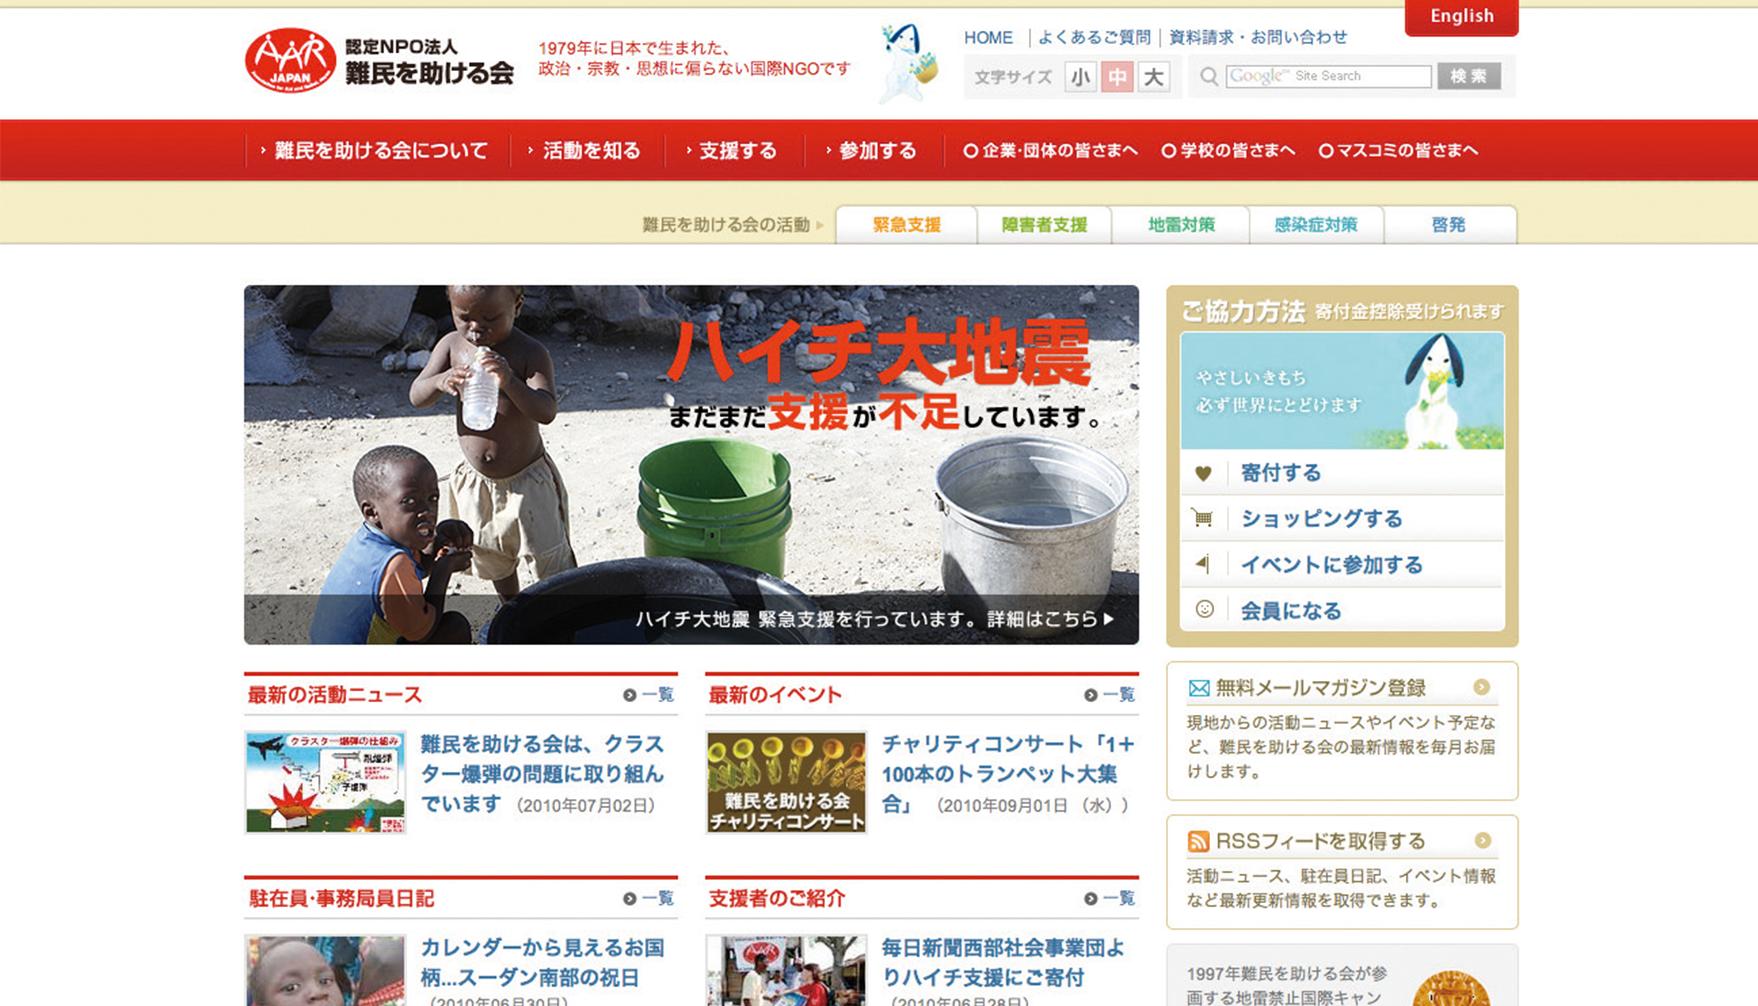 特定非営利活動法人 難民を助ける会 コーポレートサイト プレビュー